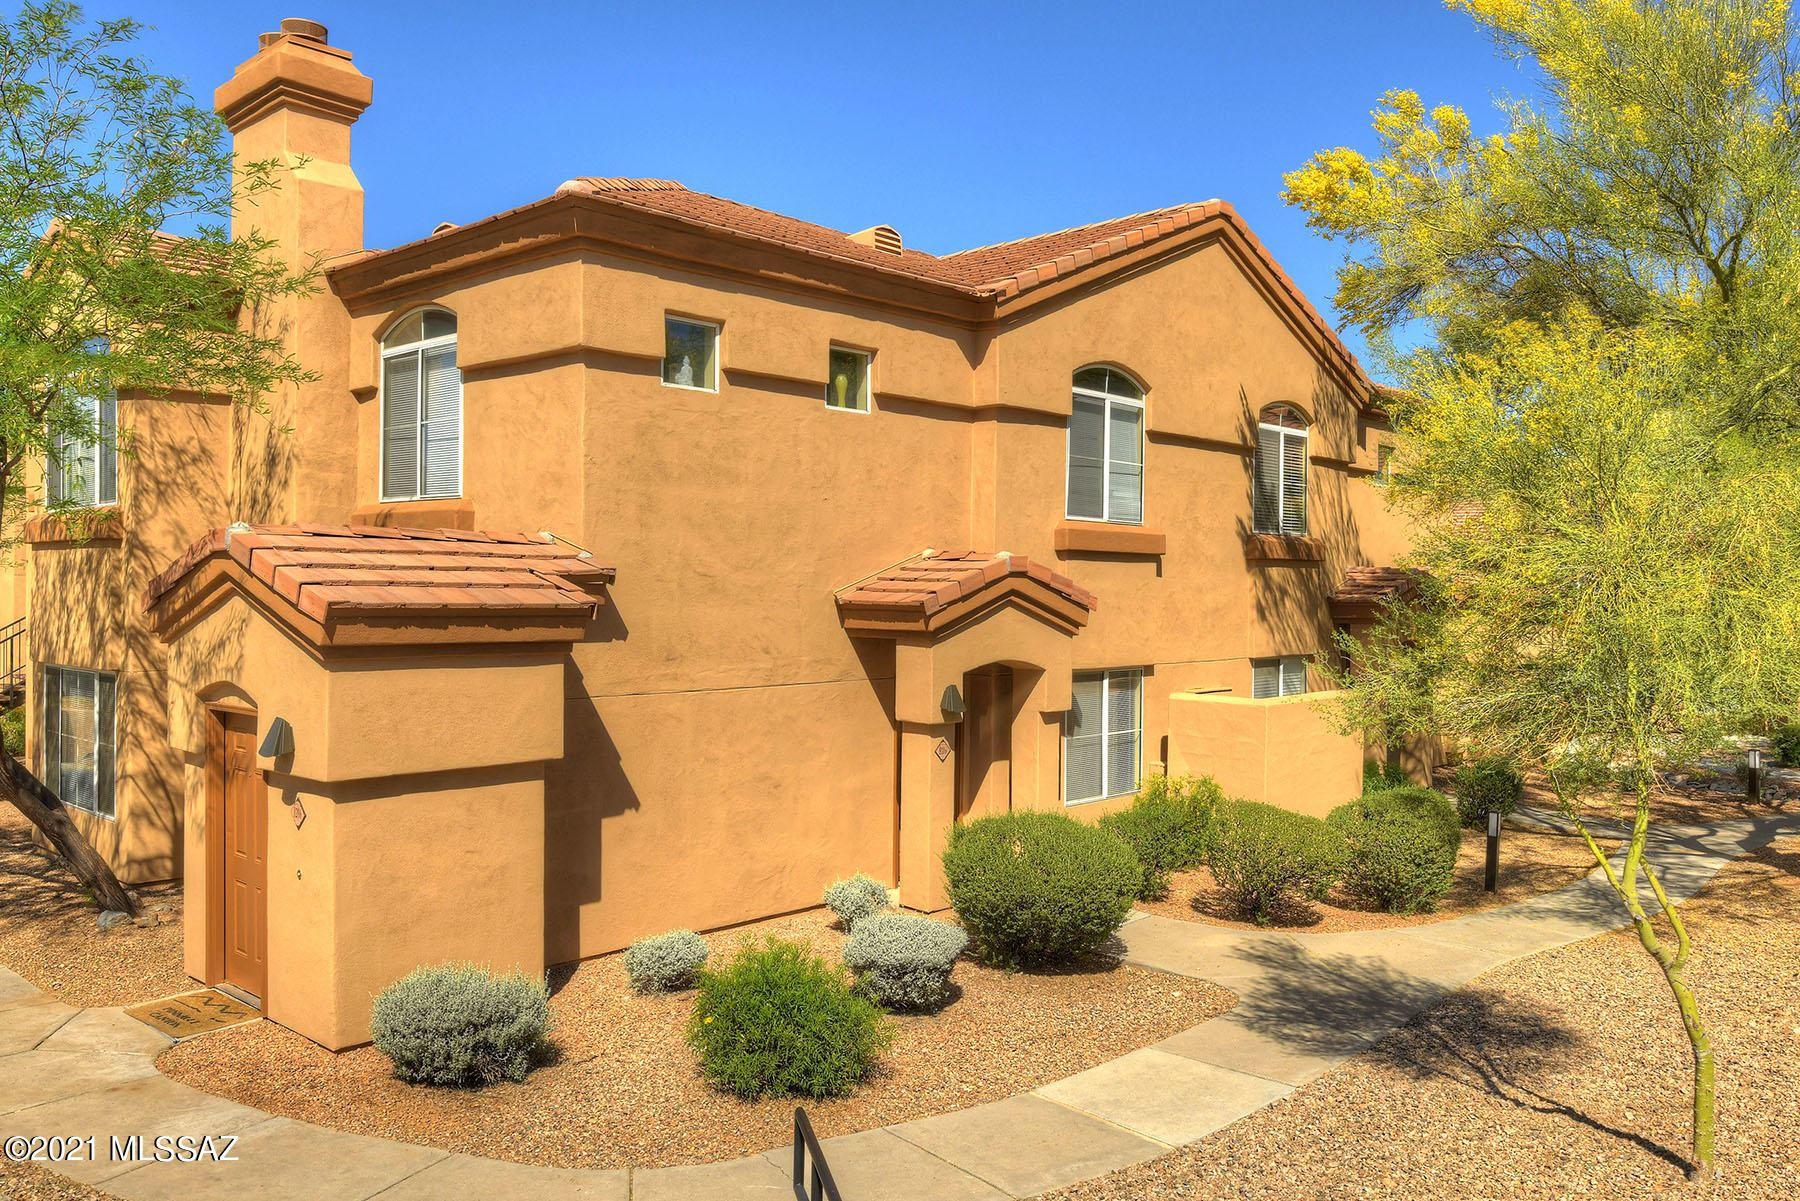 7050 E Sunrise Drive #8106, Tucson, AZ 85750 - MLS#: 22110822